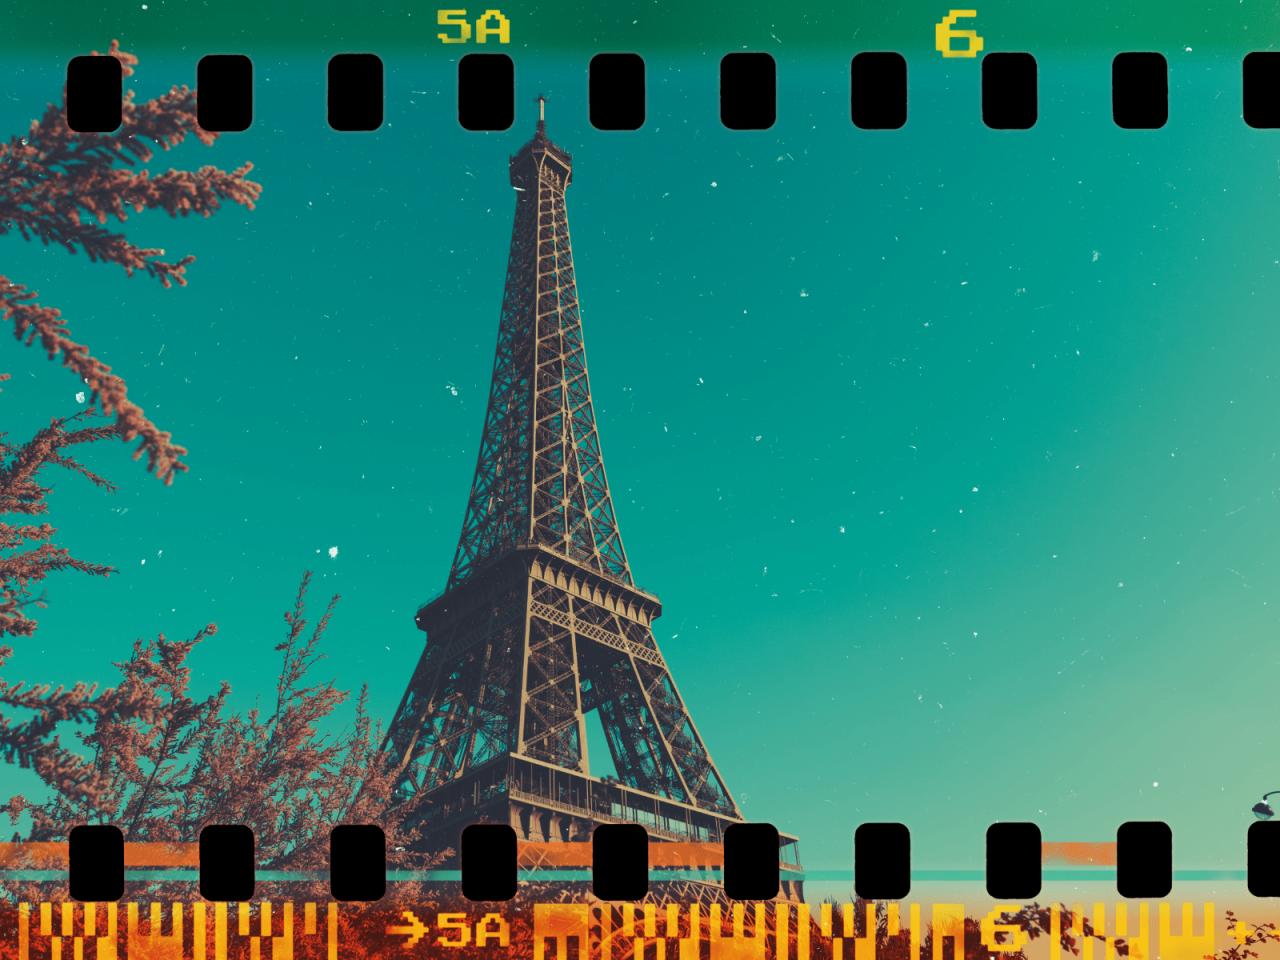 I dieci più bei film ambientati a Parigi da vedere e rivedere